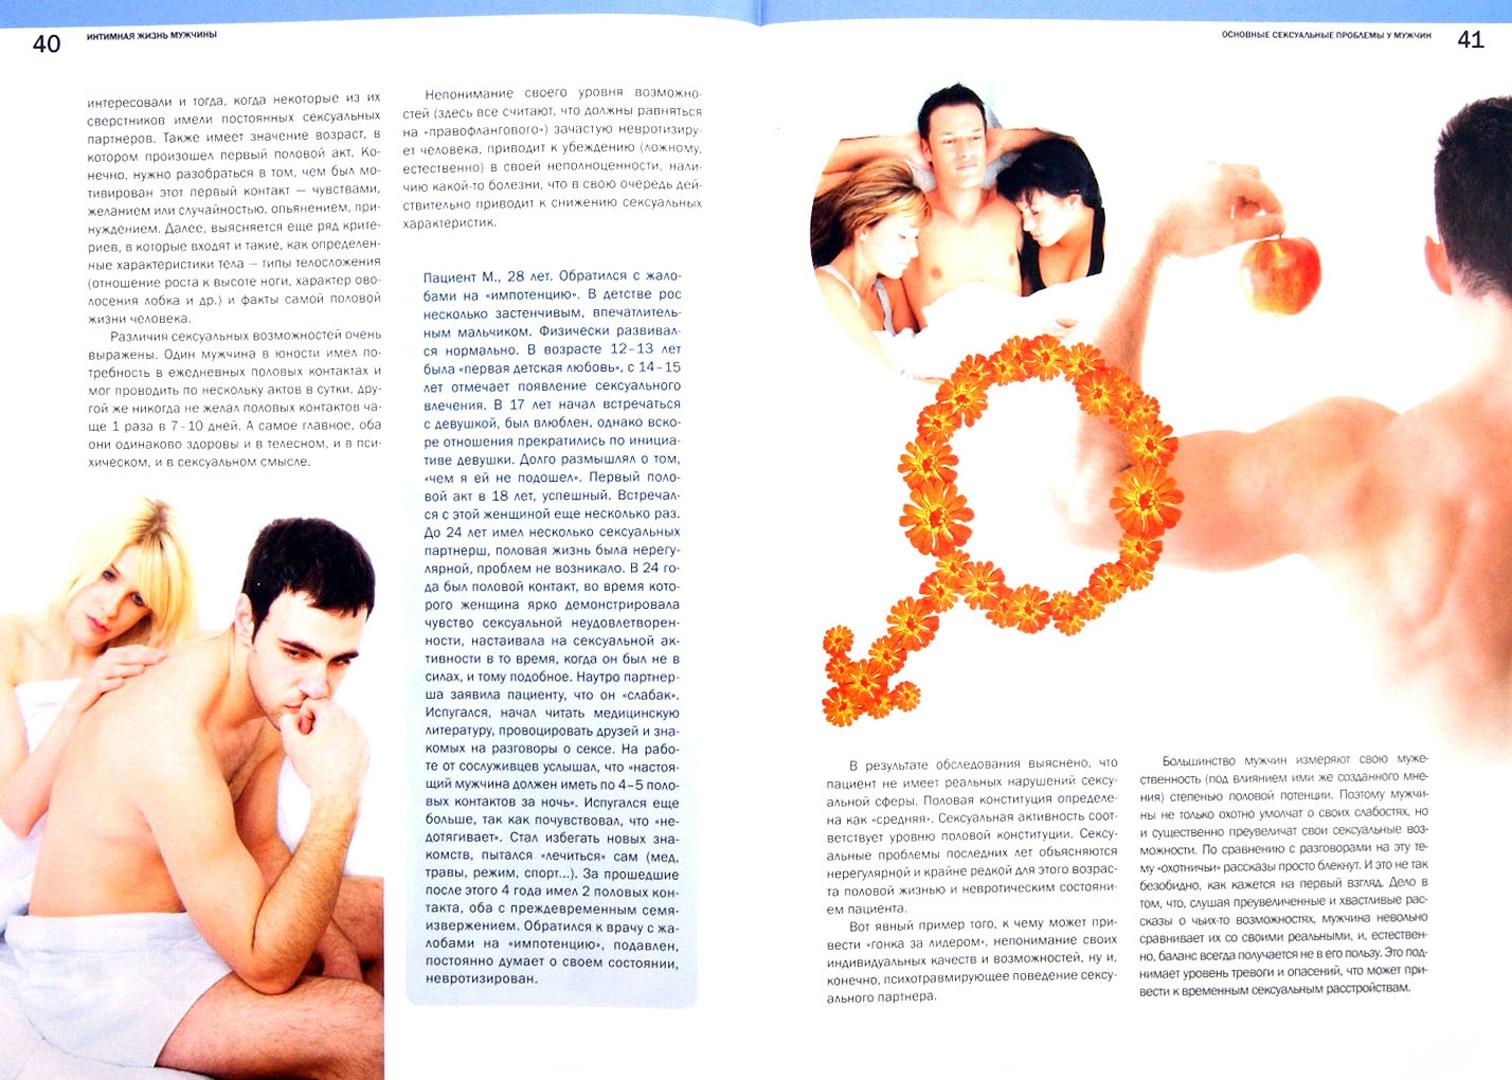 Иллюстрация 1 из 12 для Интимная жизнь мужчины. Сексология - Лев Щеглов   Лабиринт - книги. Источник: Лабиринт